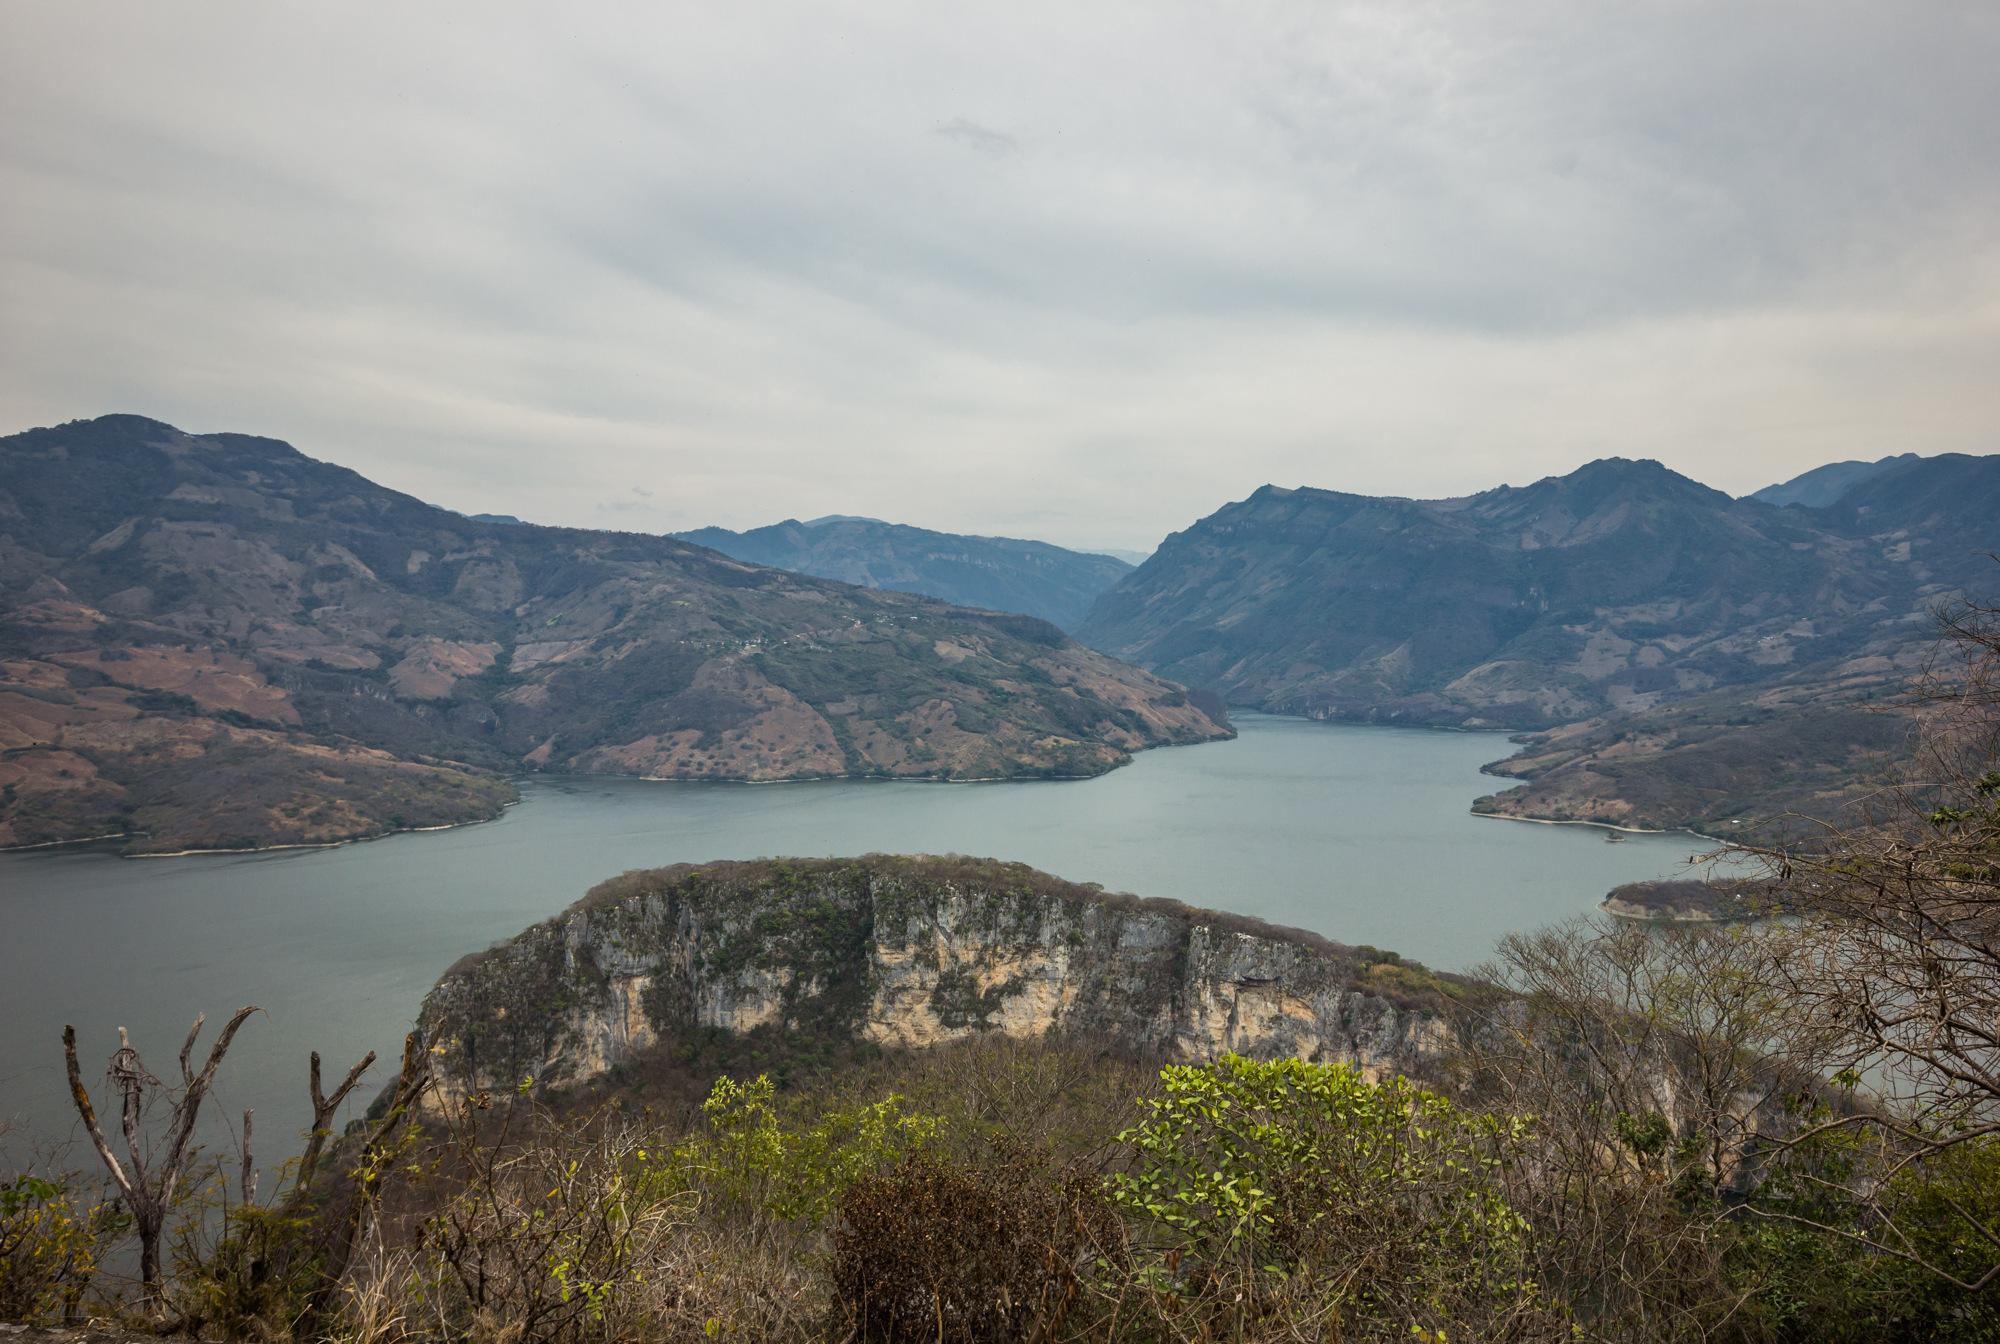 Путешествие на машине с побережья (Плайя дель Кармен) в Чиапас (Сумидеро, Паленке)